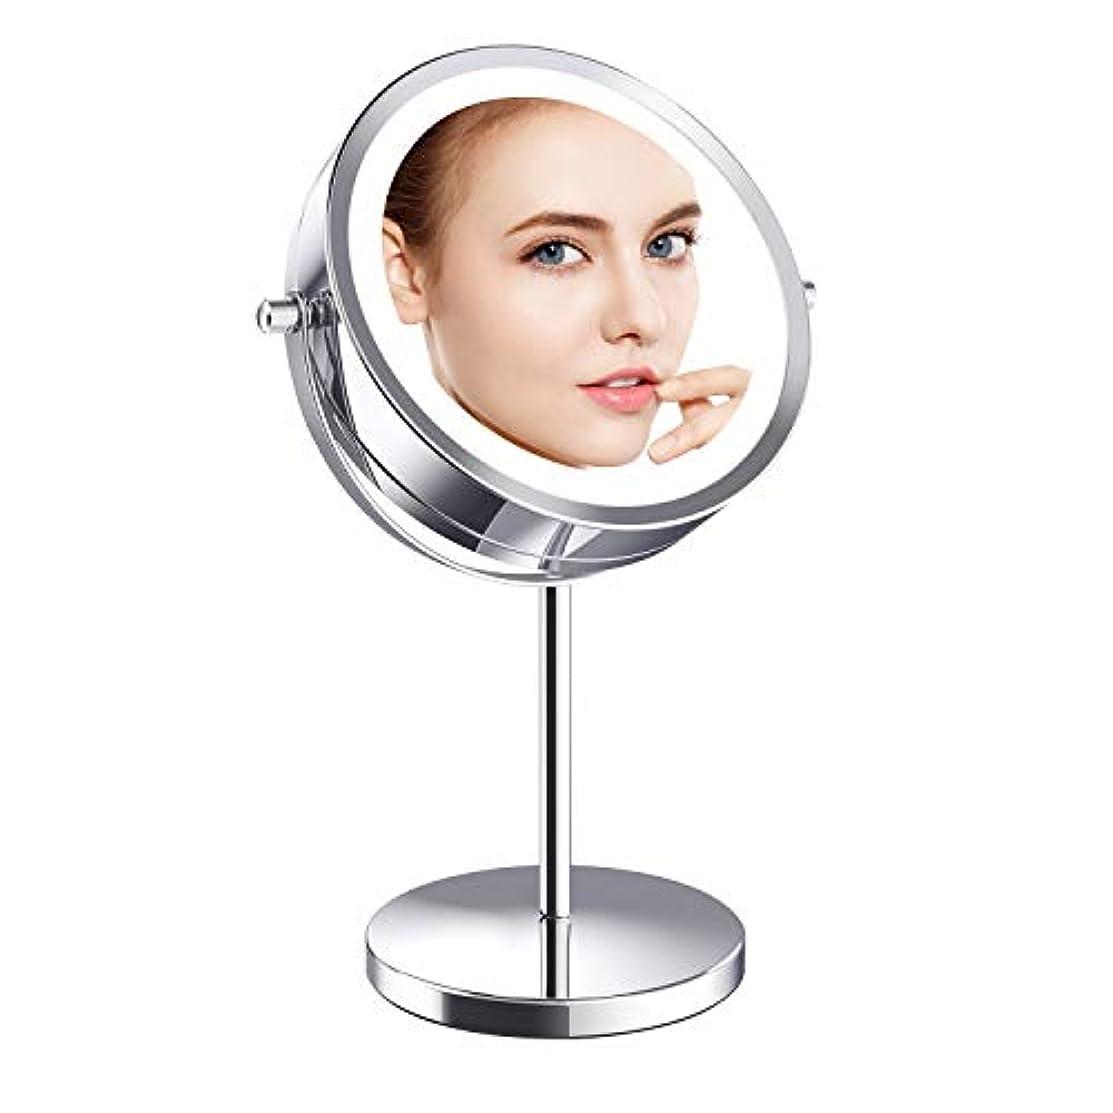 スケート戦略ケニアGospire 化粧鏡 10倍拡大鏡+等倍鏡 LED卓上化粧鏡 メイクミラー 両面型 360度回転式 日本語説明書付き ライティングミラー プレゼント